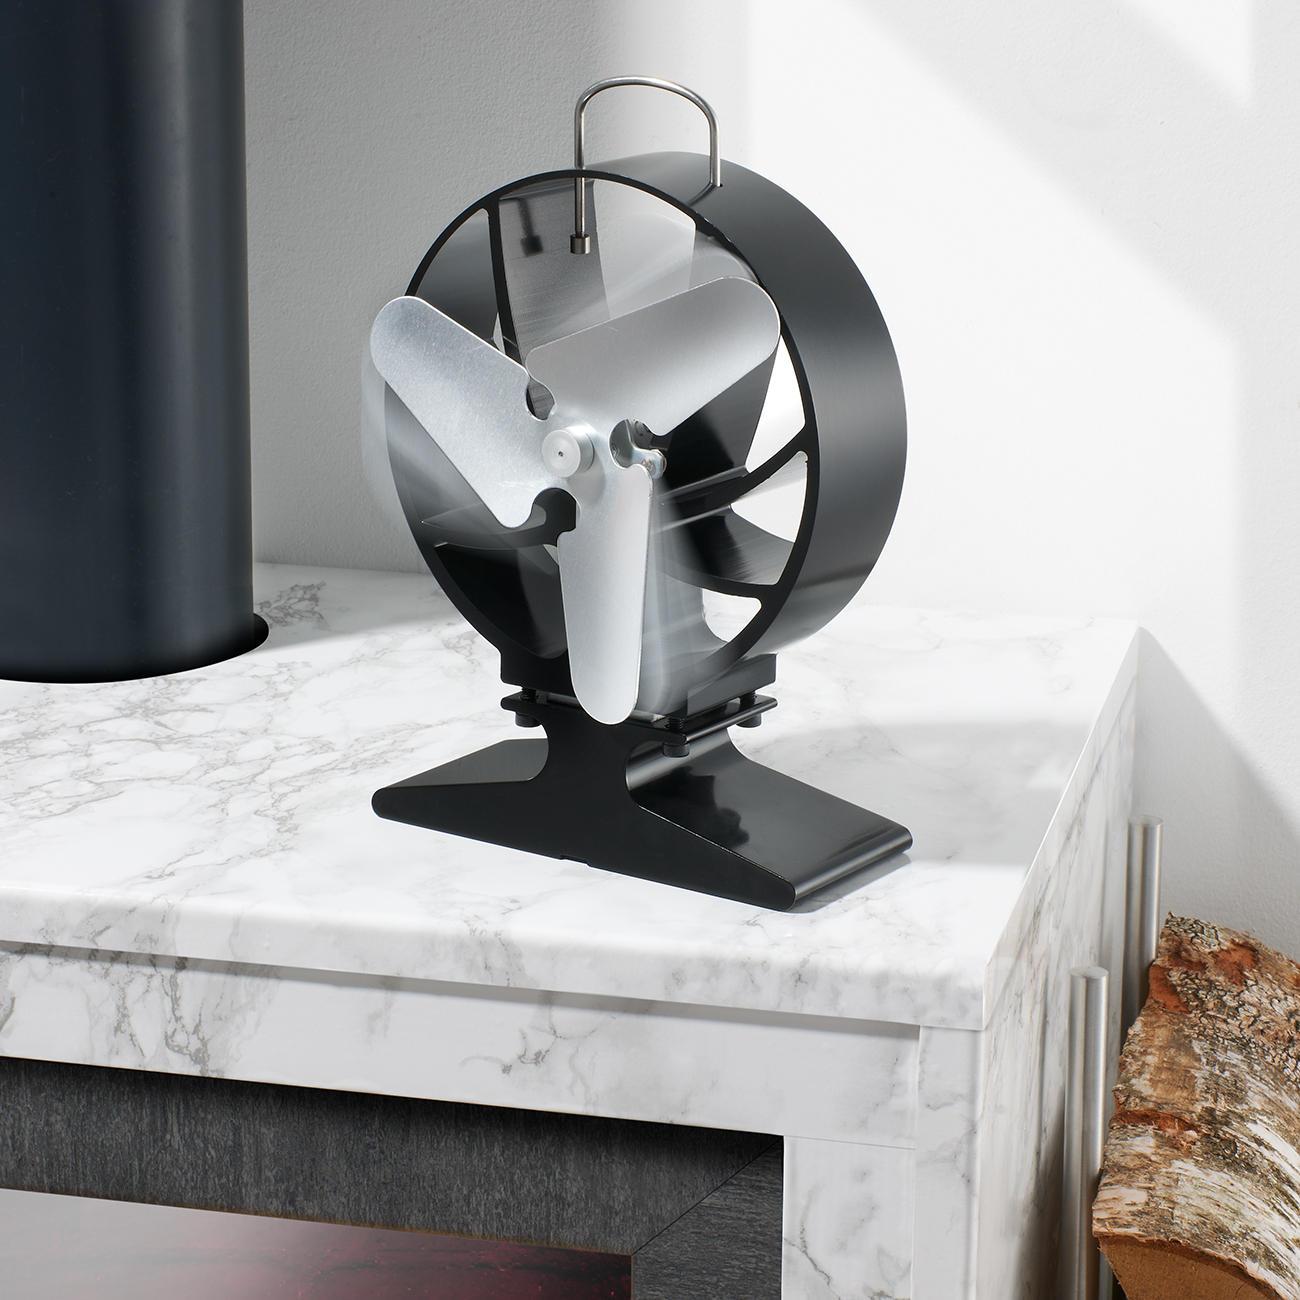 ventilateur de chemin e garantie produit de 3 ans. Black Bedroom Furniture Sets. Home Design Ideas